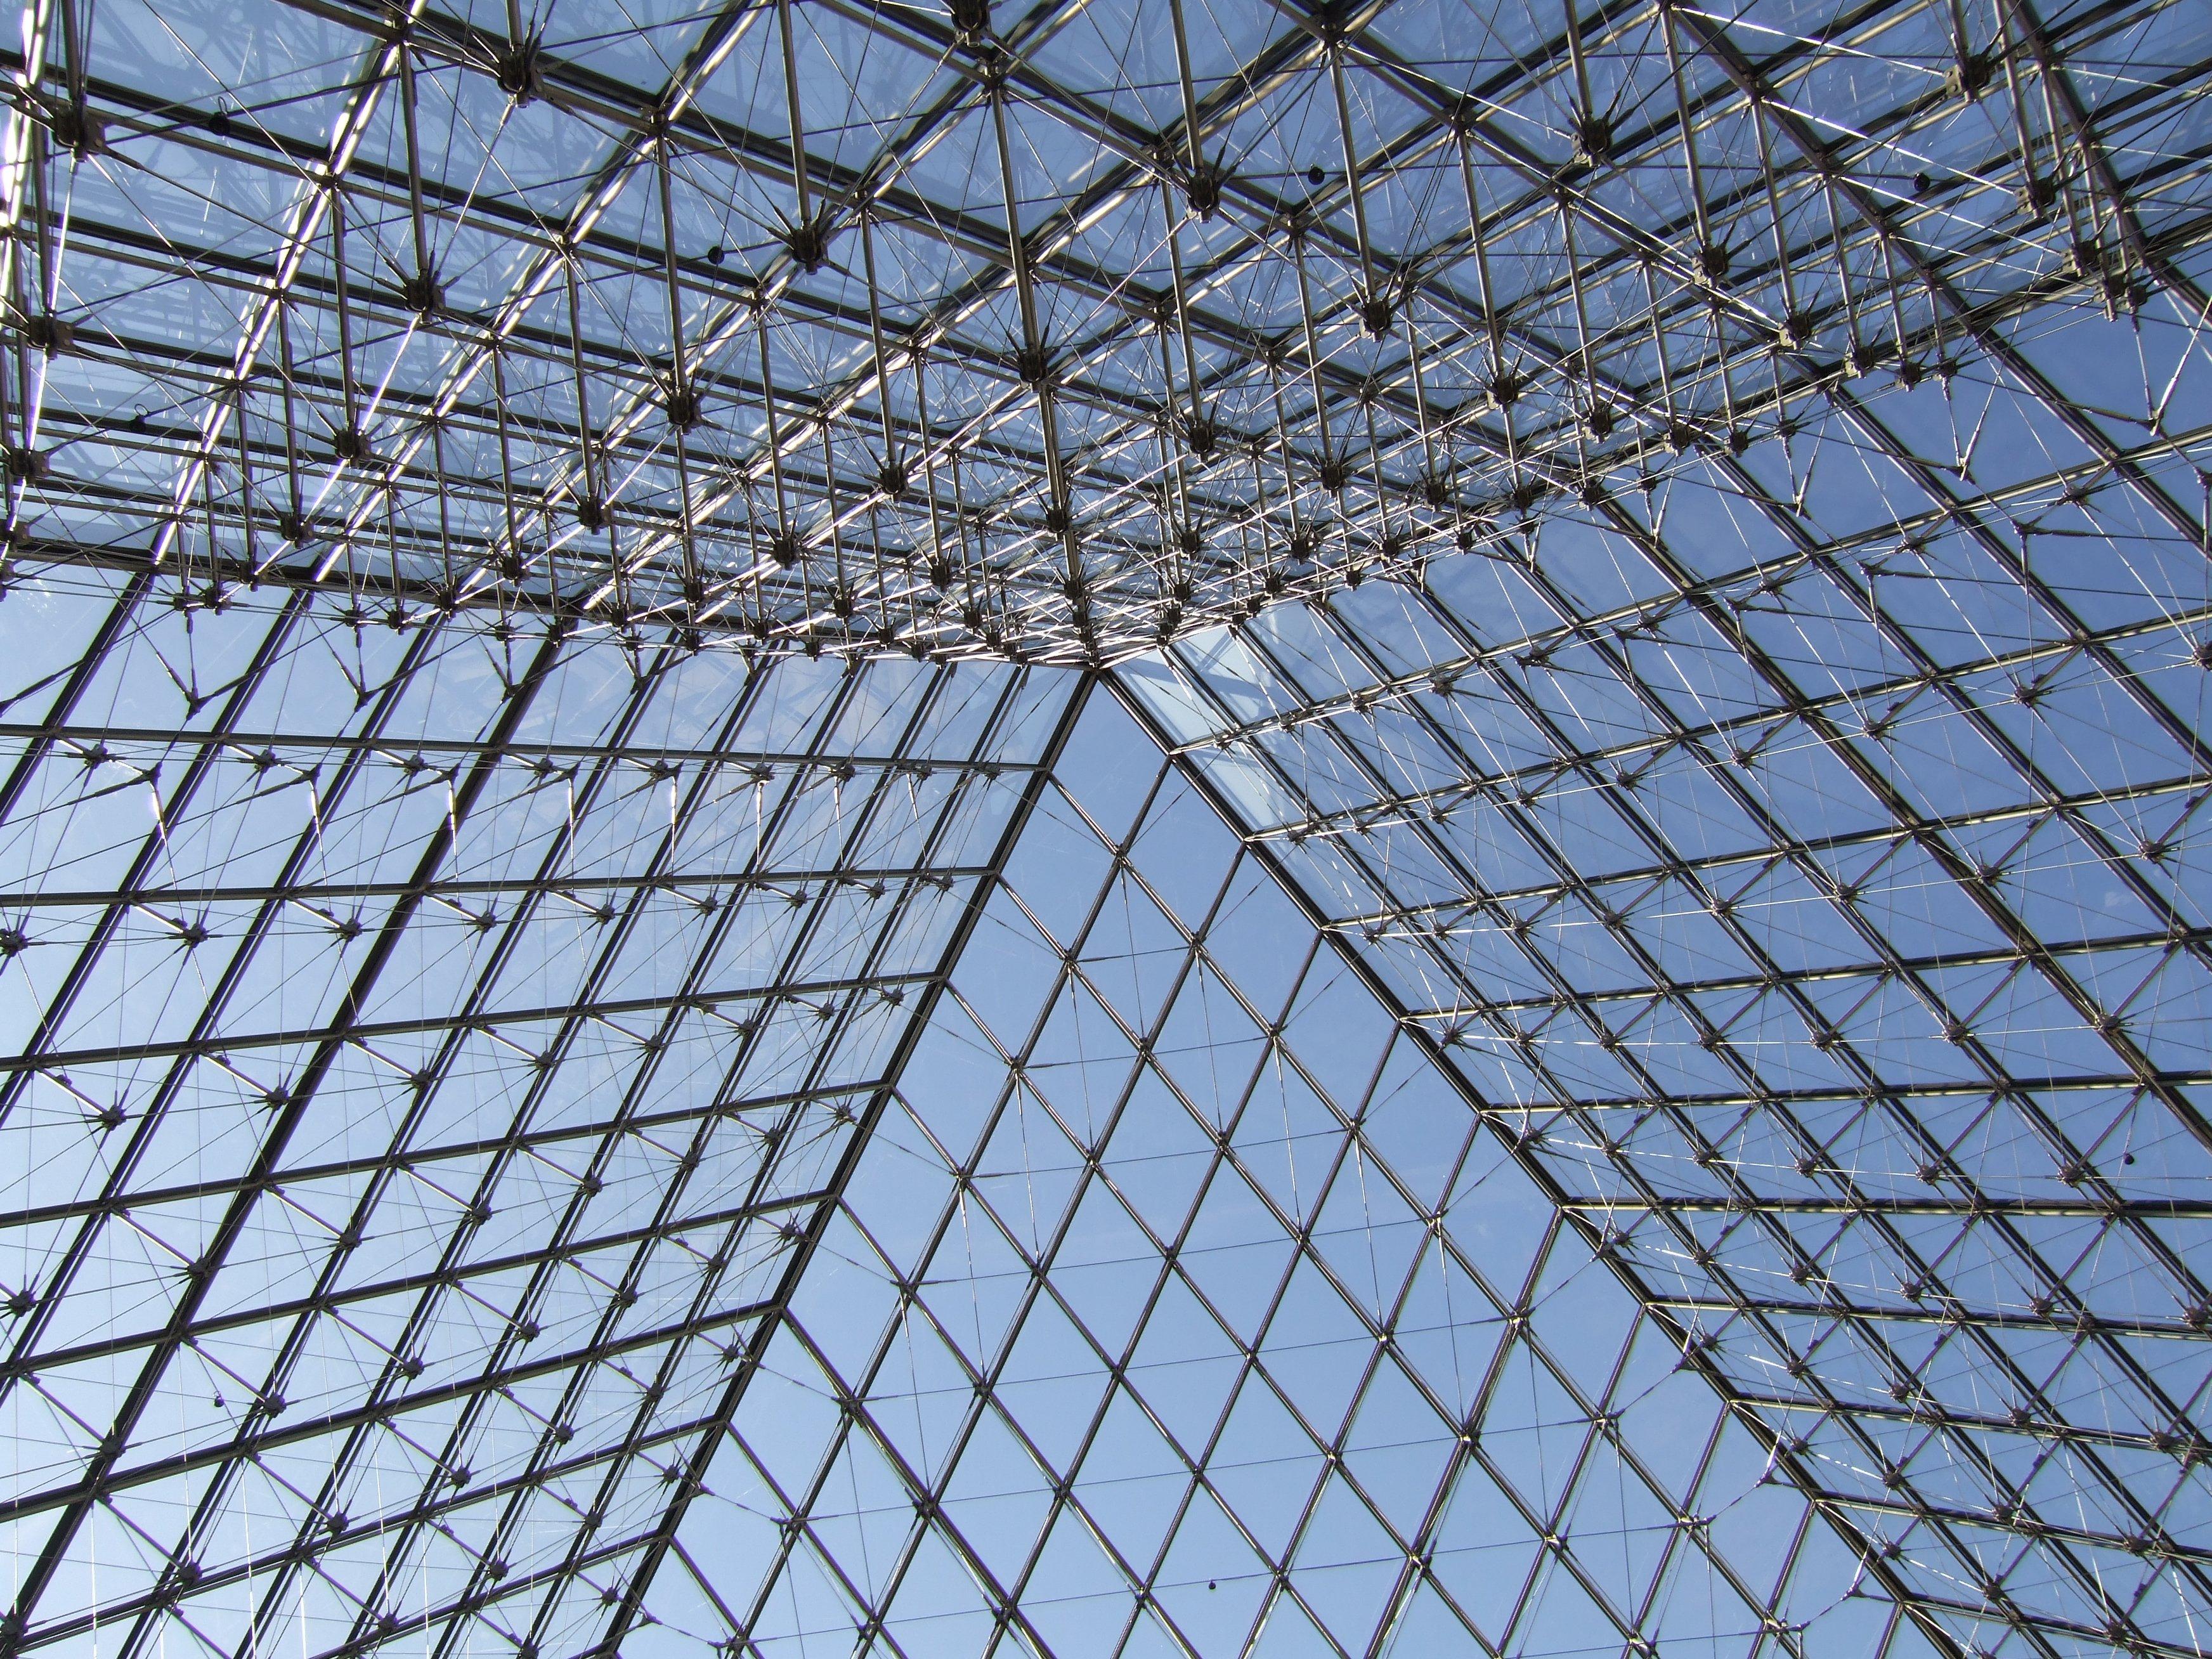 Fotos gratis : arquitectura, estructura, techo, rascacielos, línea ...